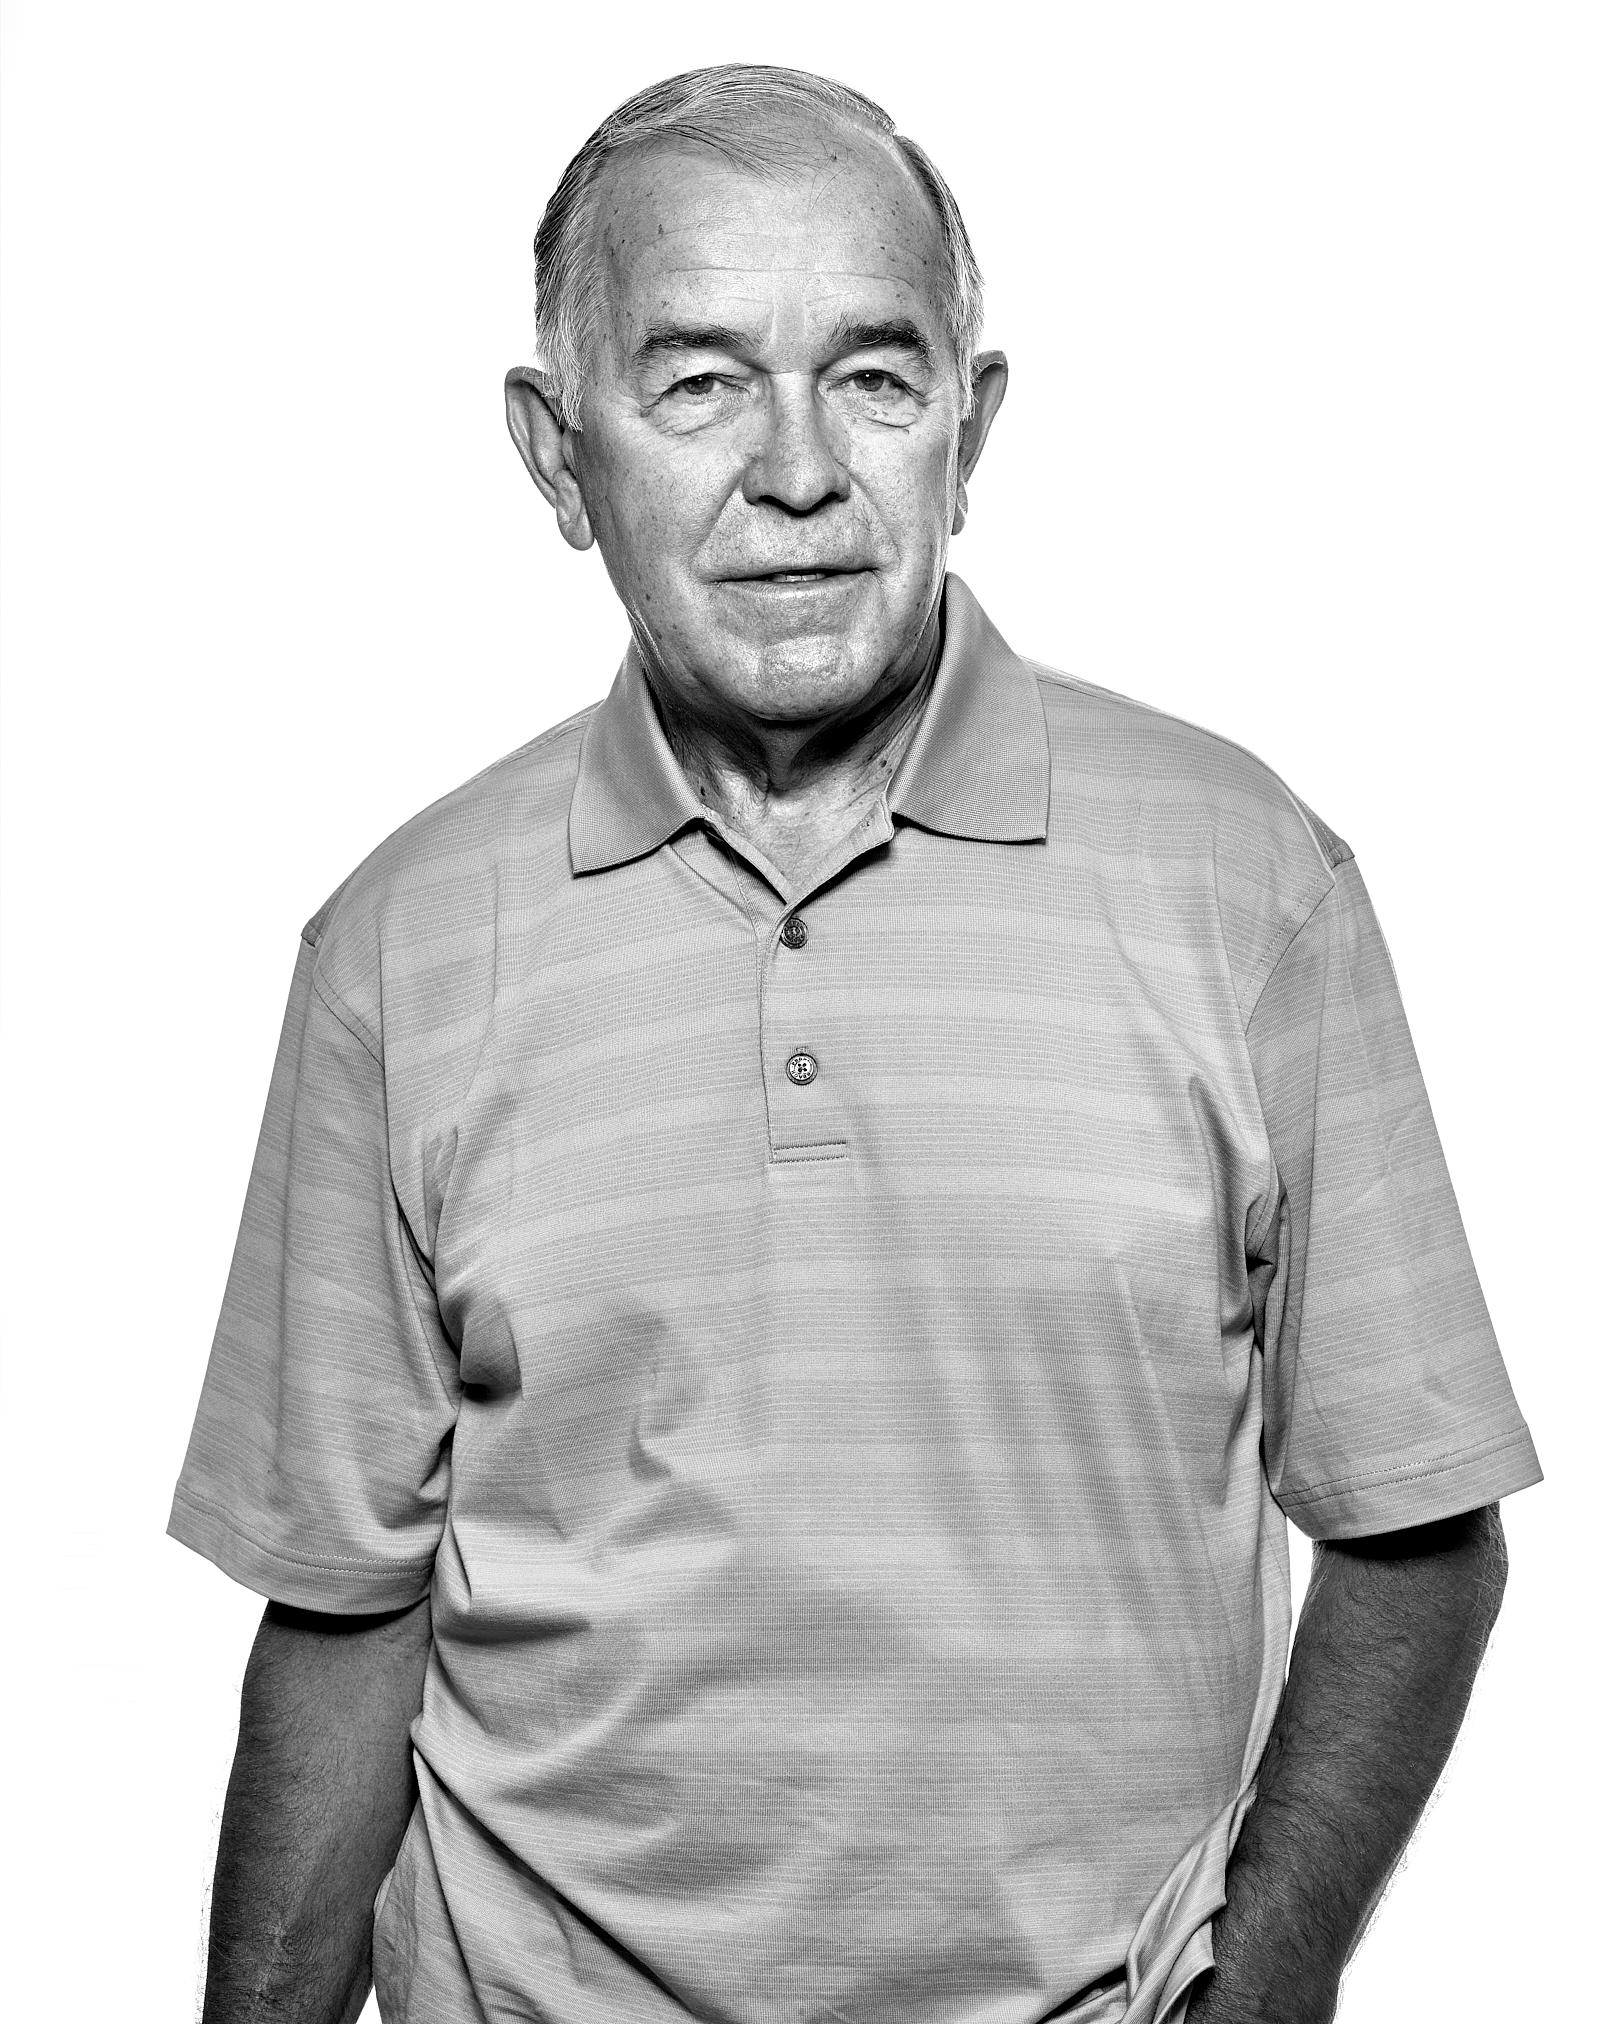 Steve Bourne by Peter Adams.